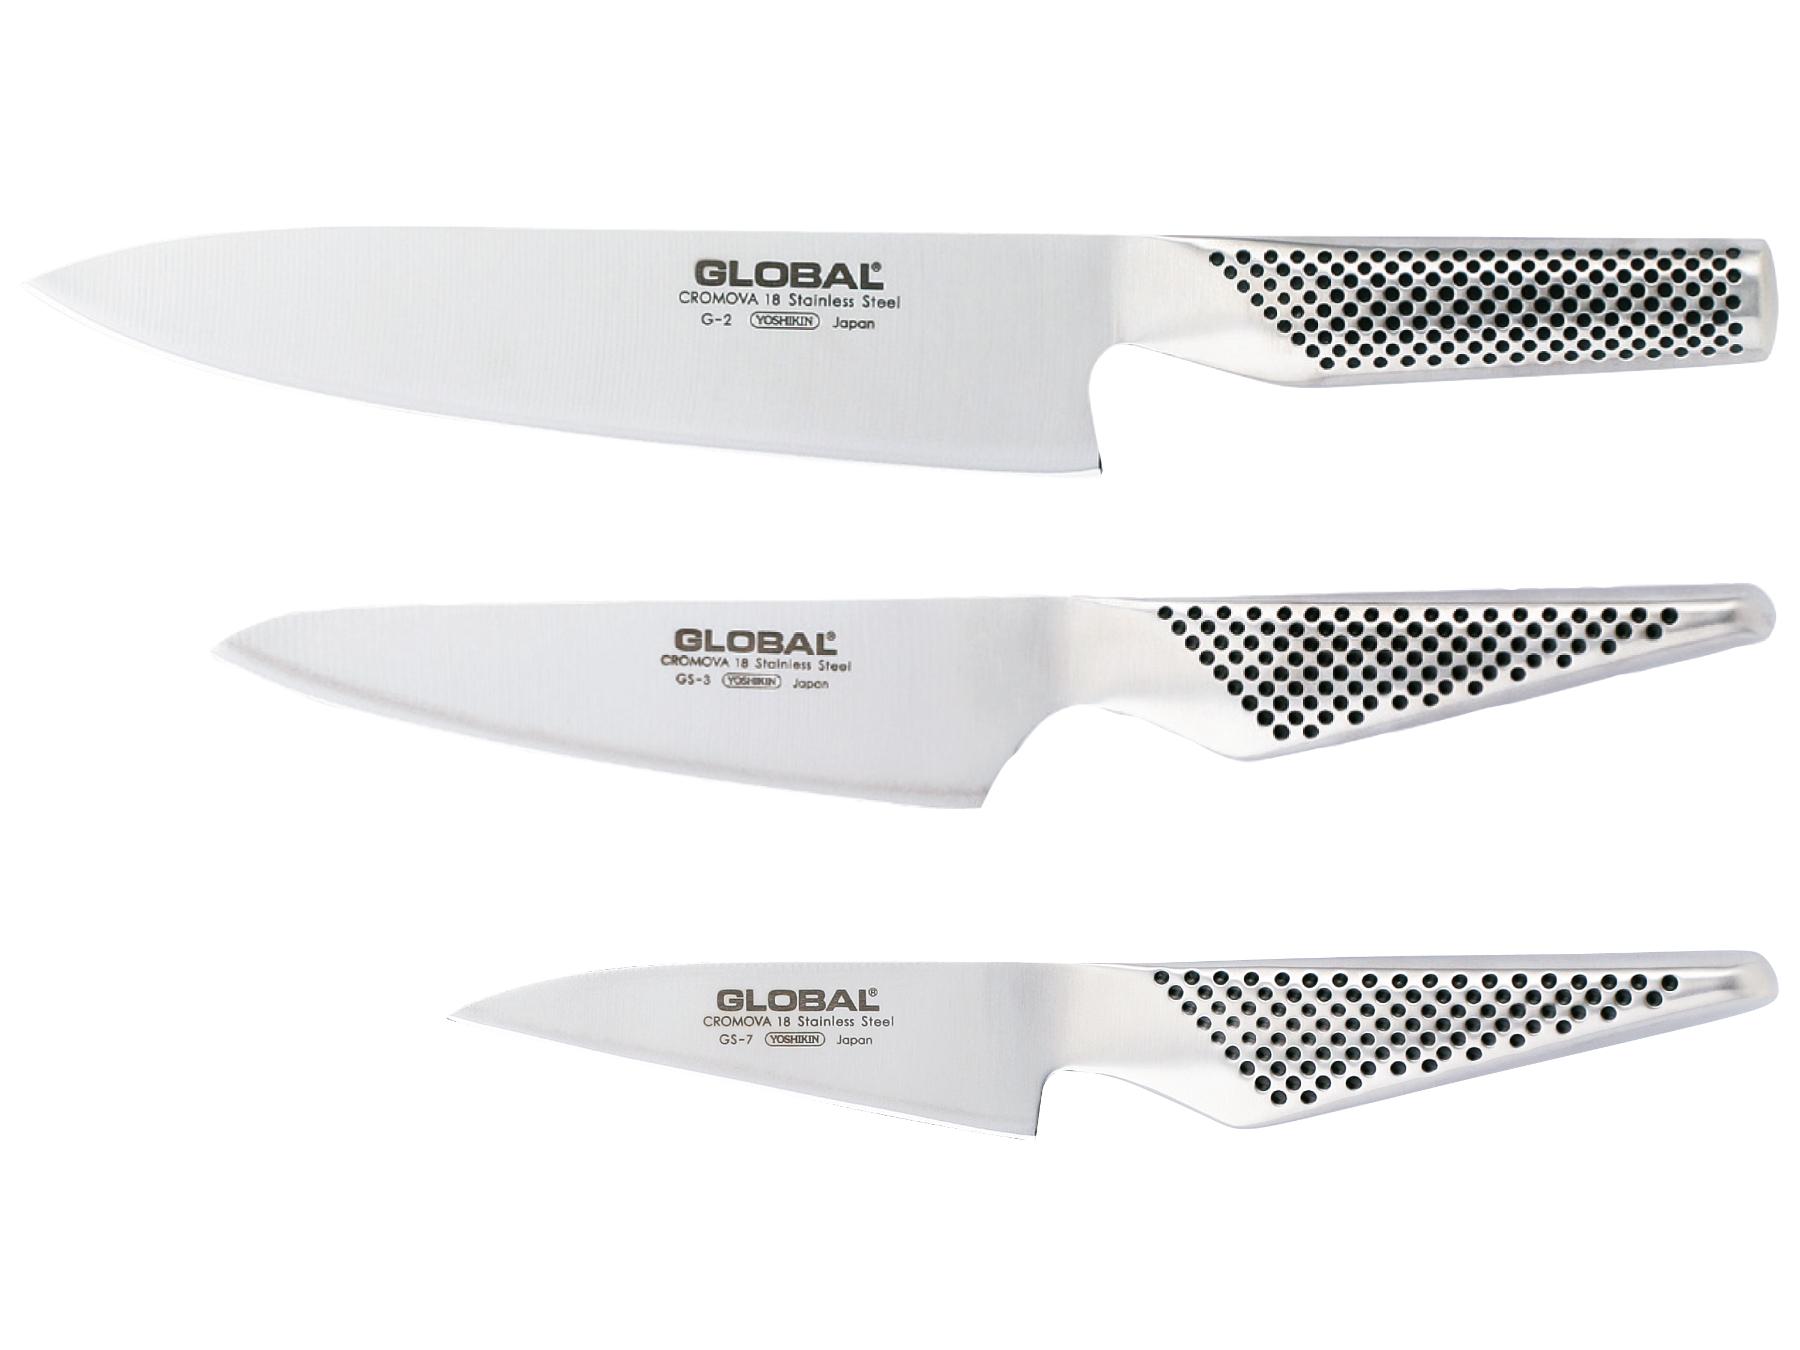 Global G-237 Messerset 3 teilig, G-2, GS-3 und GS-7